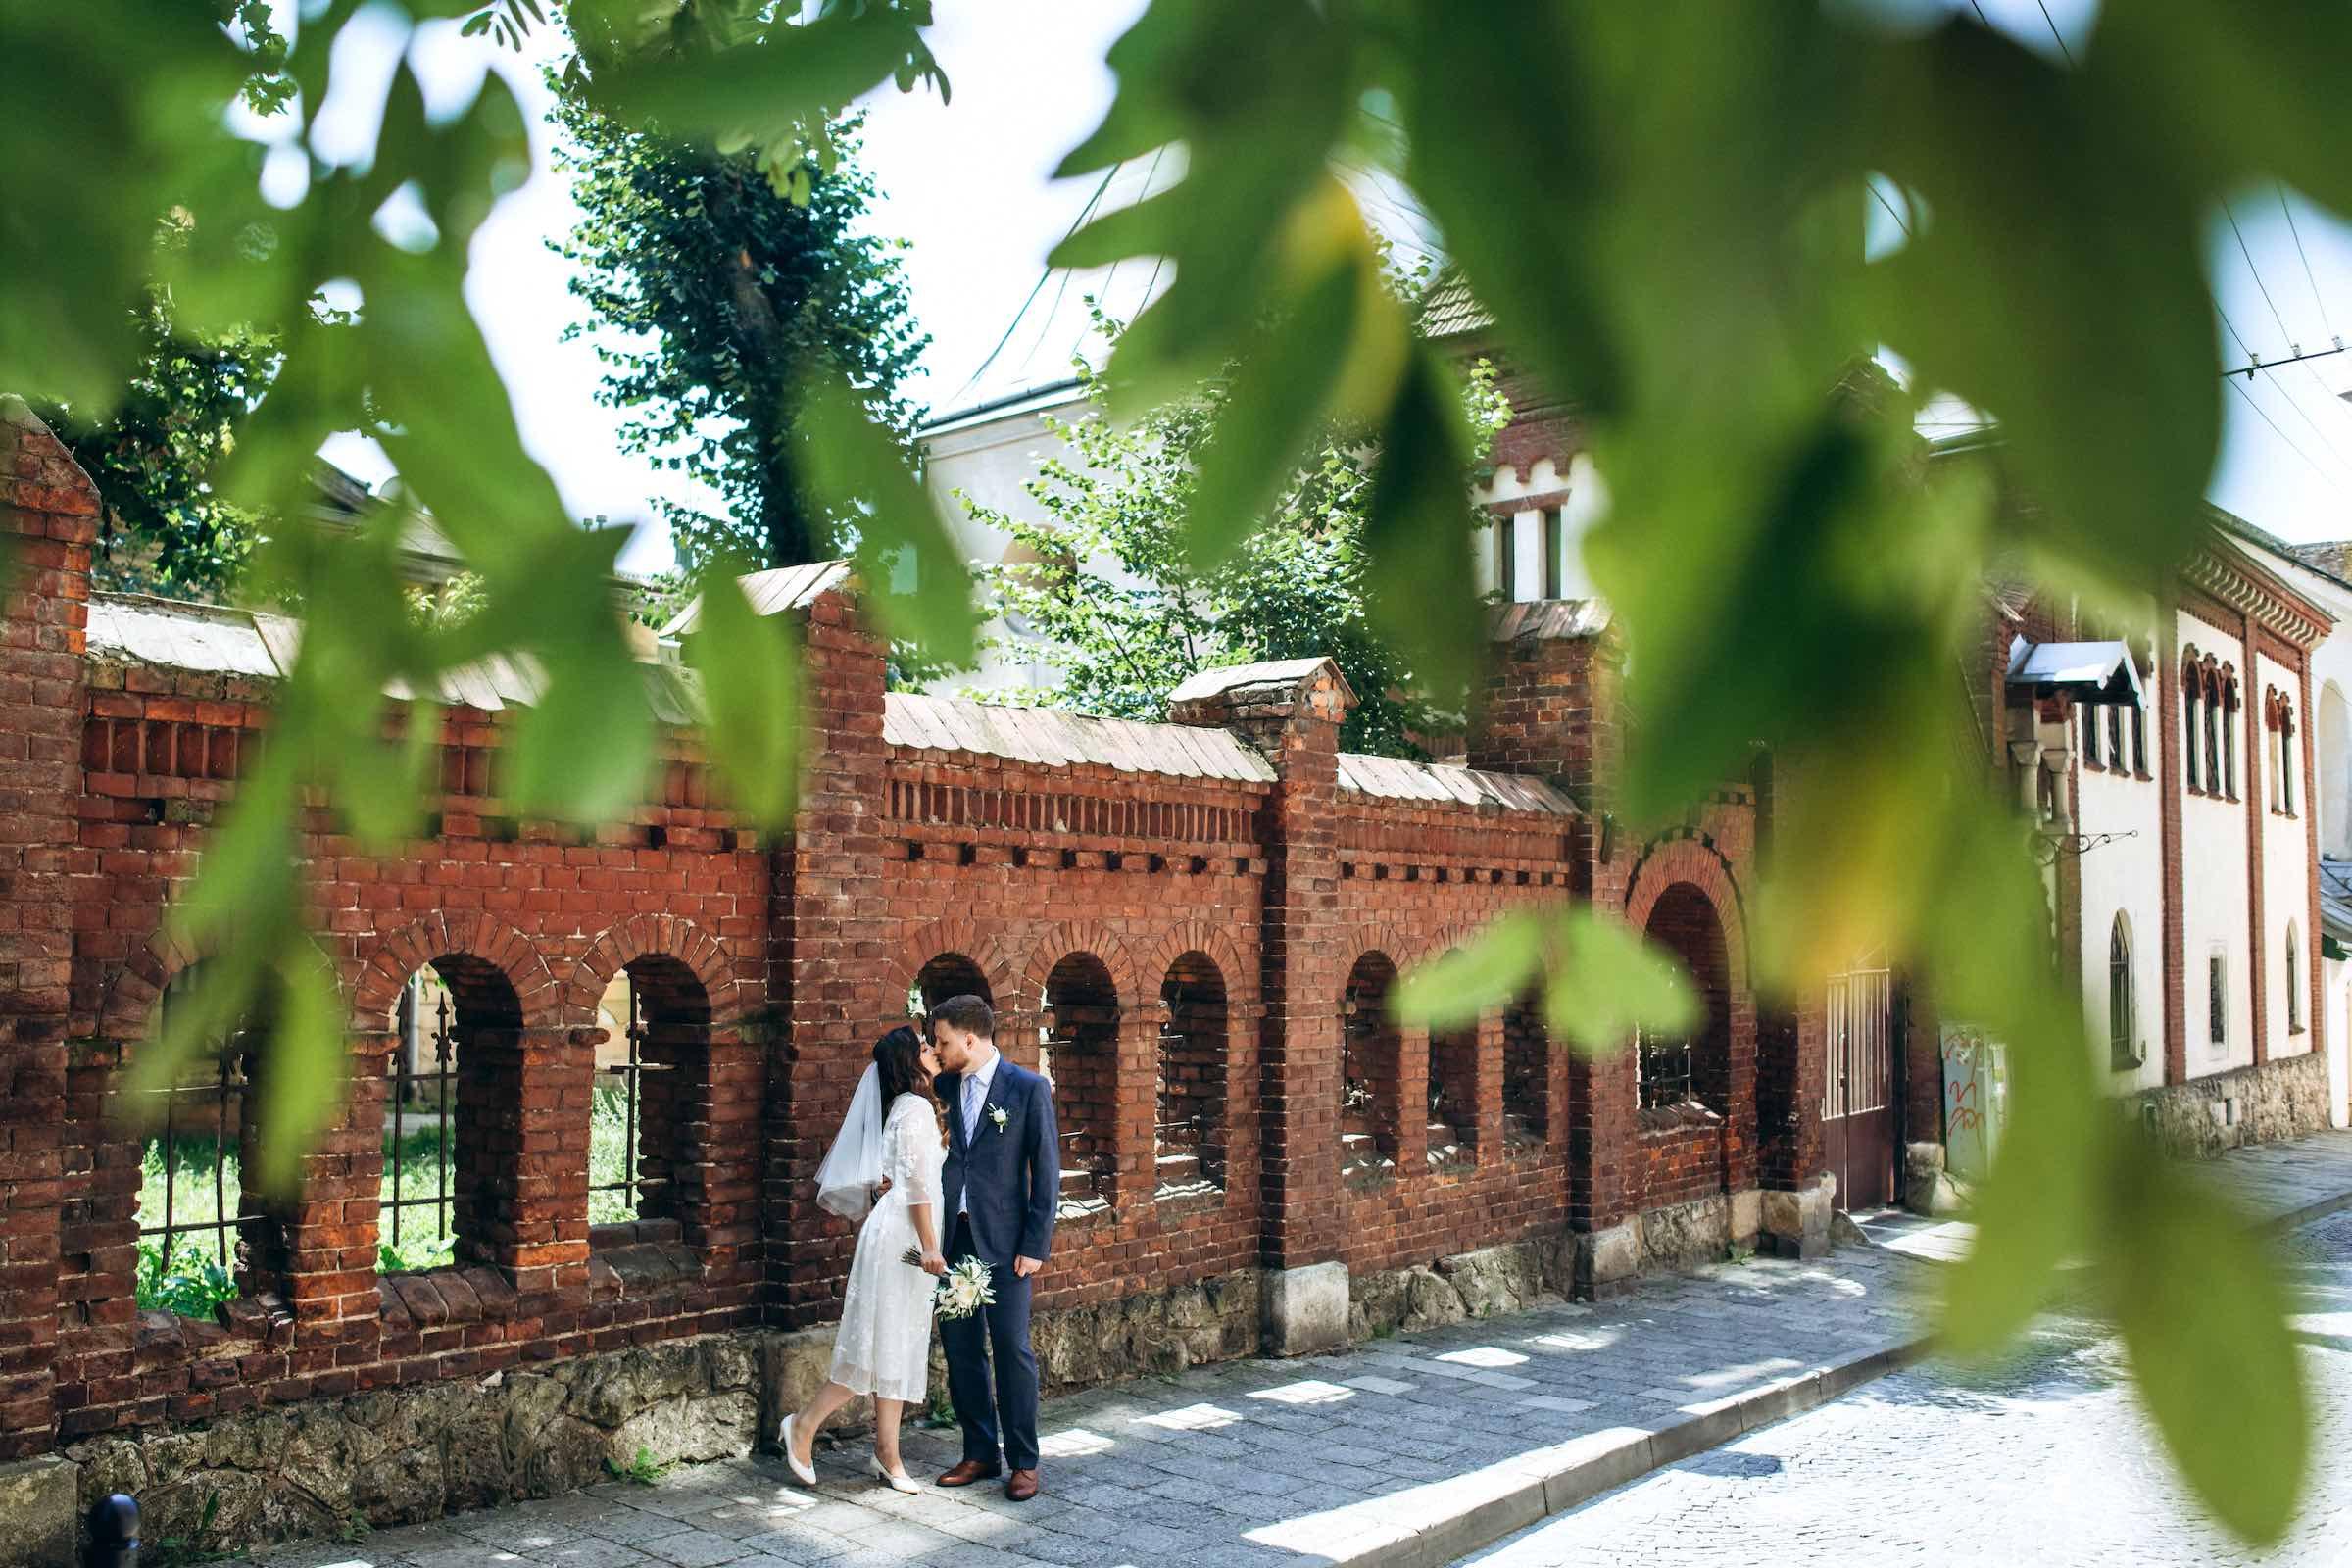 Hochzeitsfotografie | Paarshooting | Hannover | Fotograf | Hochzeit | Celle | Mieten | Buchen | Lehmann | Eventservice